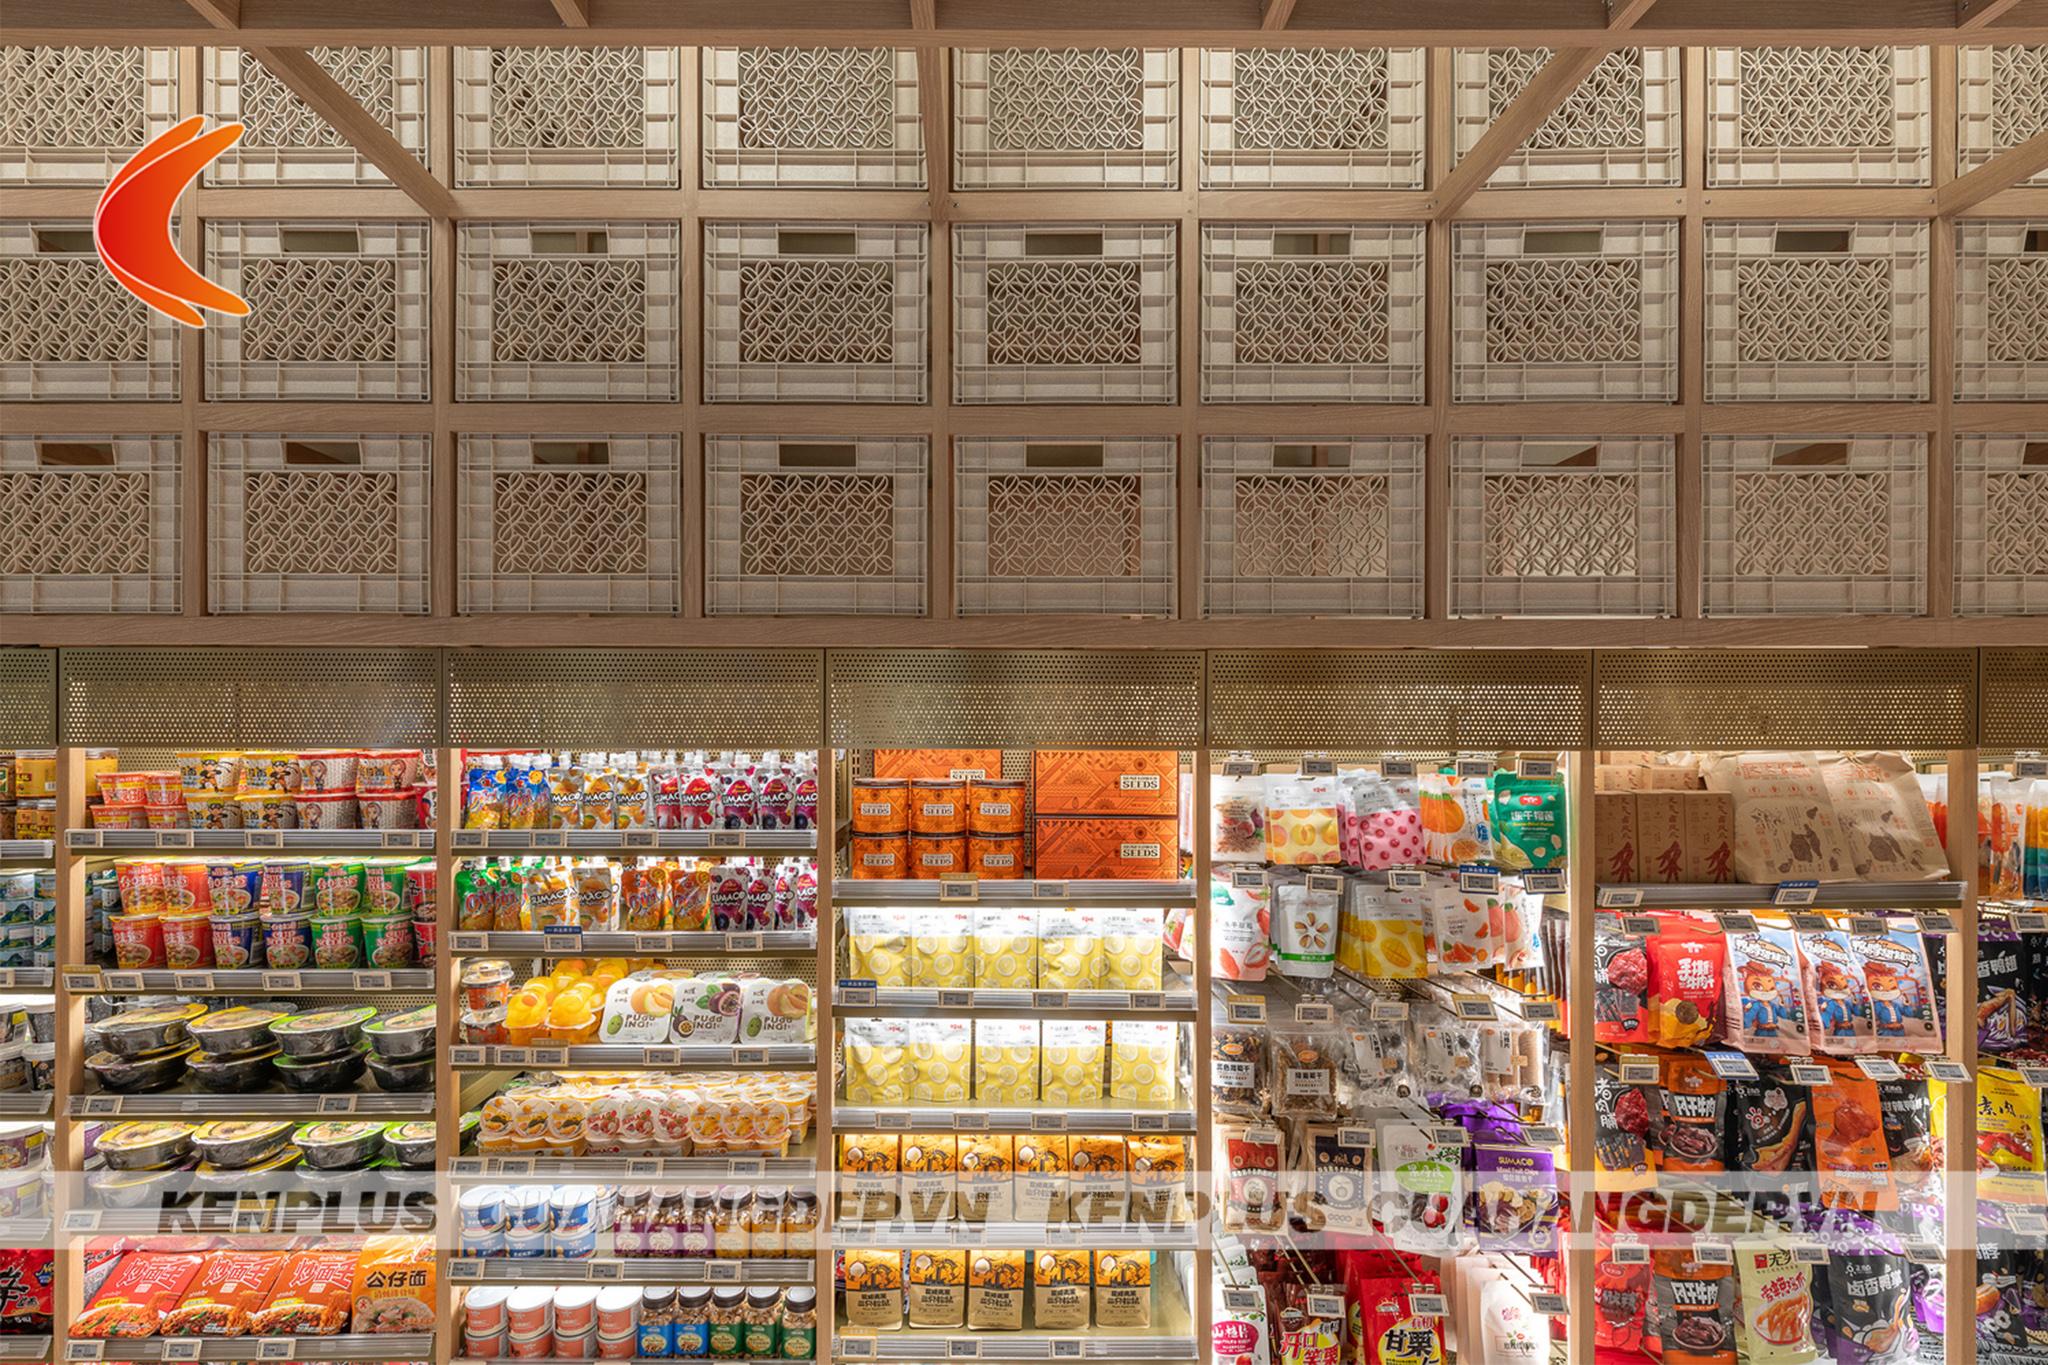 thiết kế siêu thị mini bằng gỗ